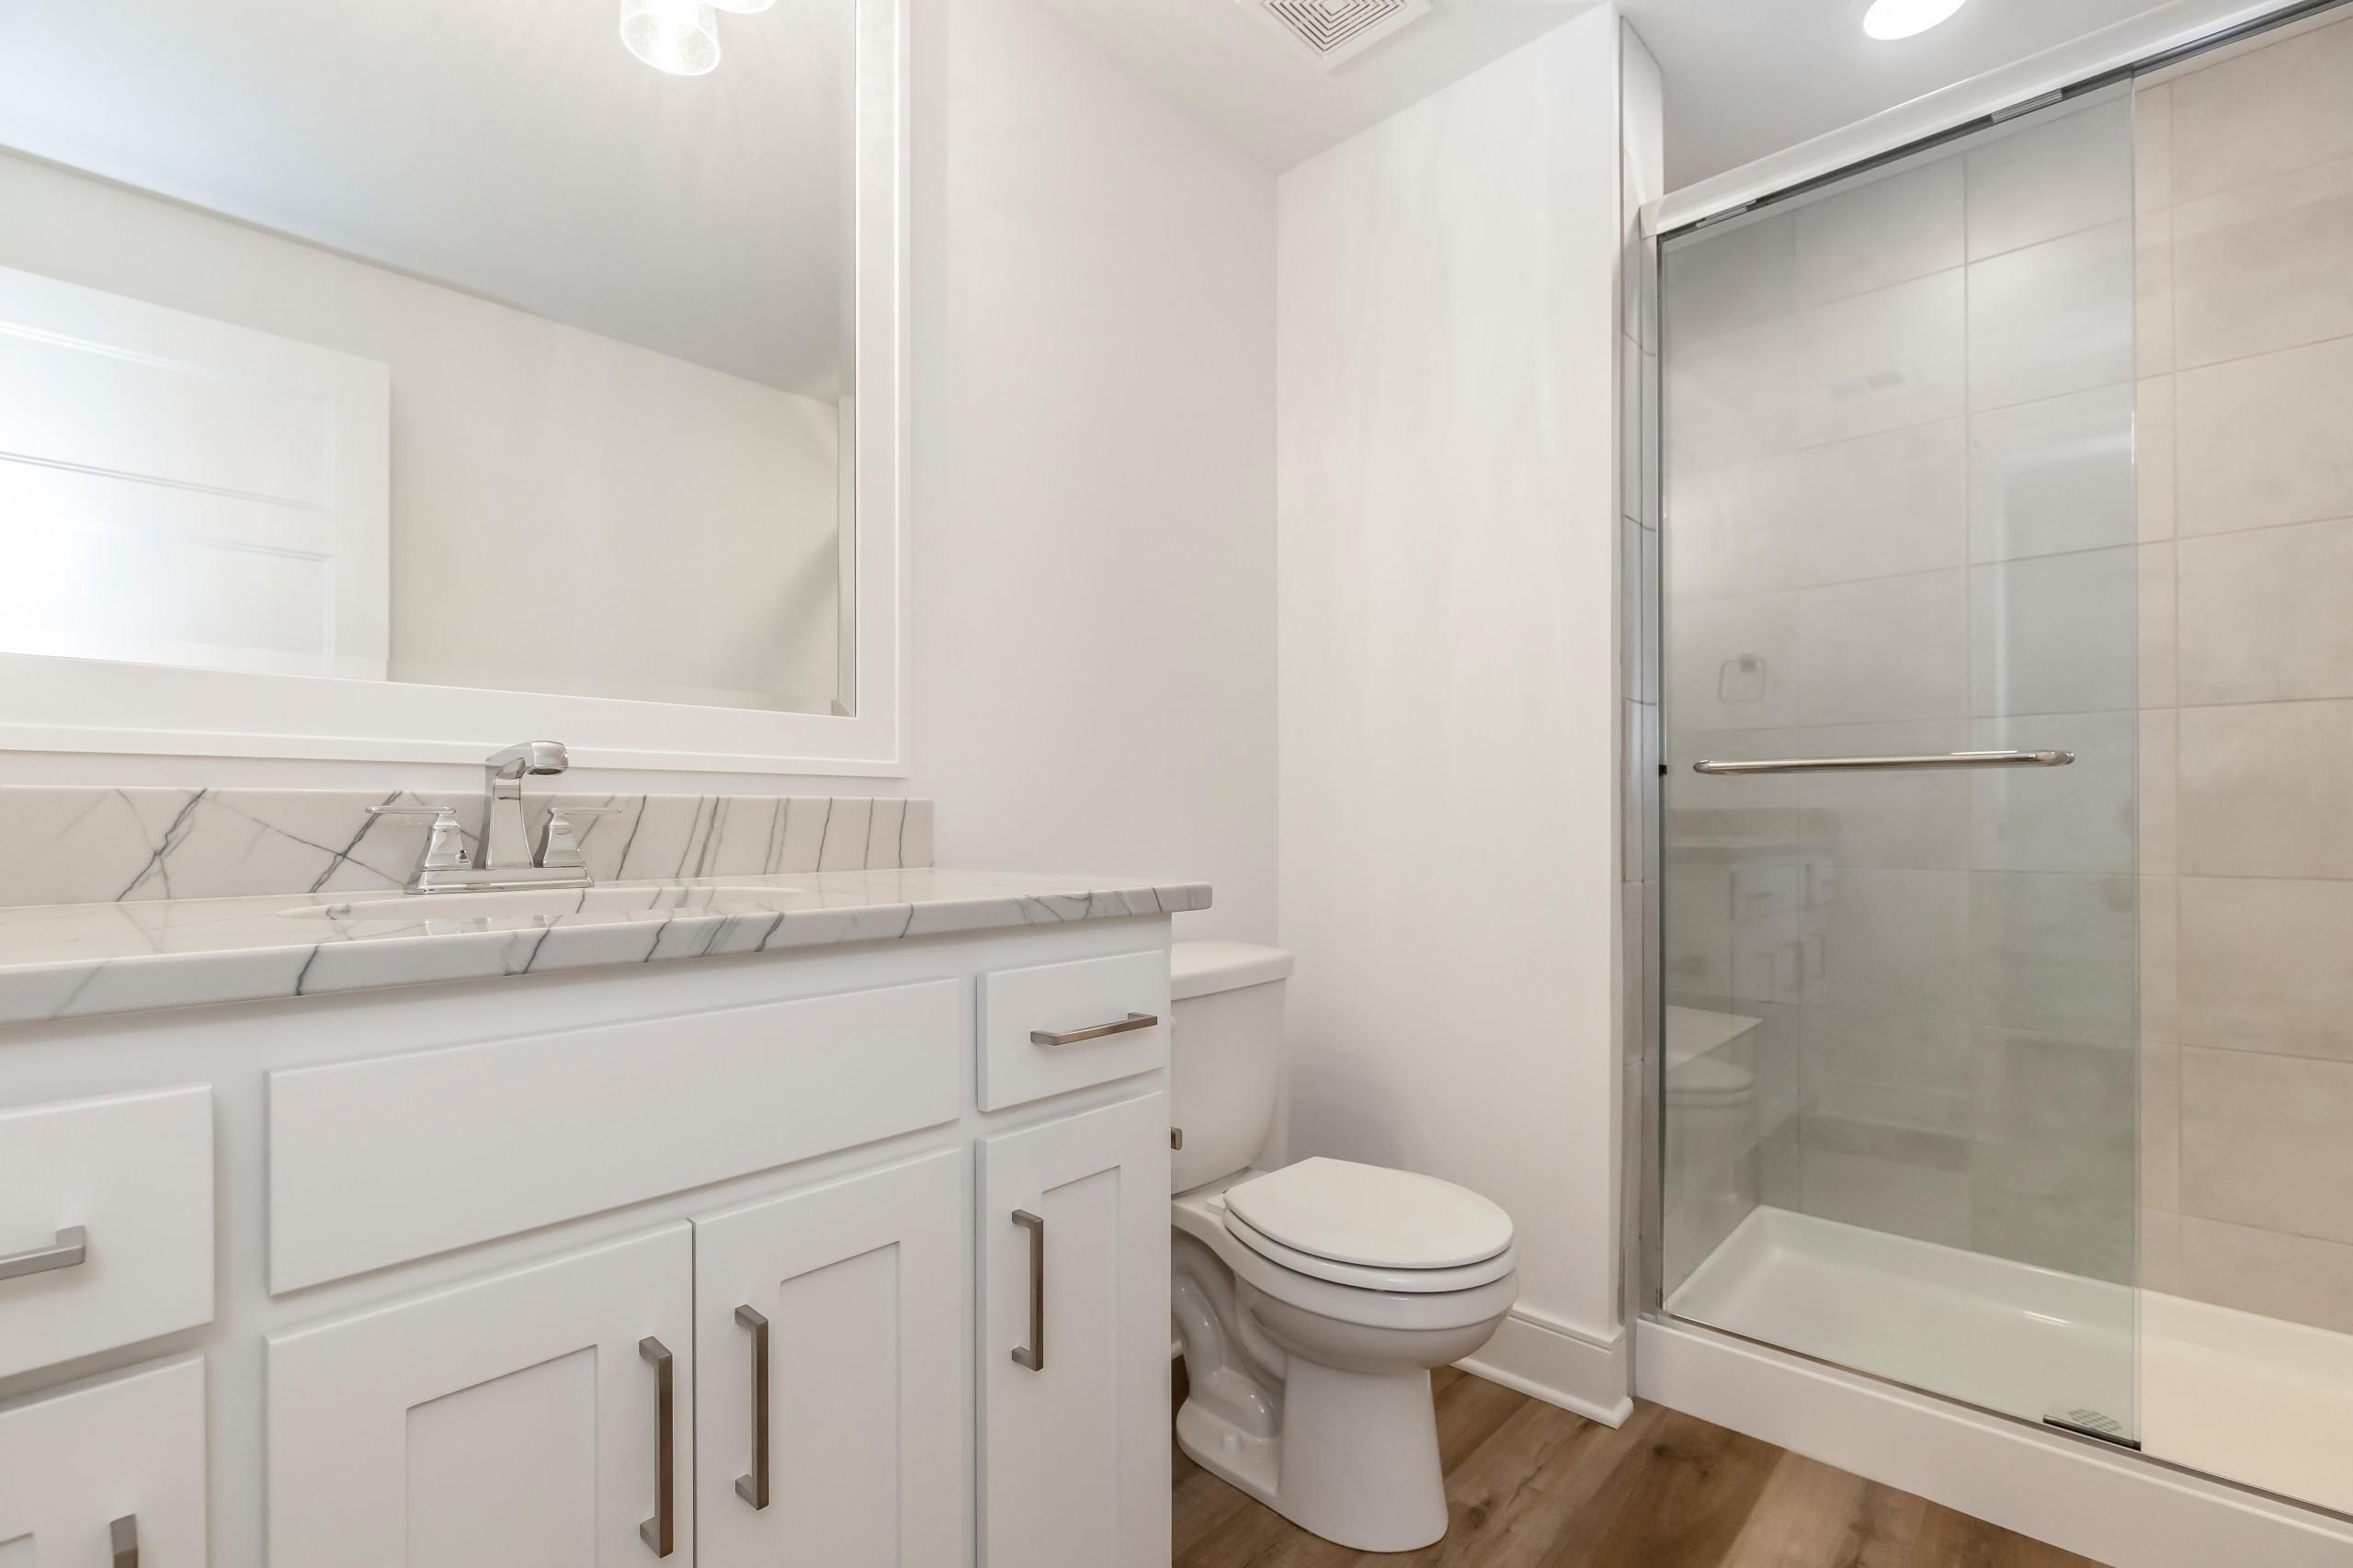 WatersEdge 3806 W 158th Terrace OP, KS 66224 Spec Home